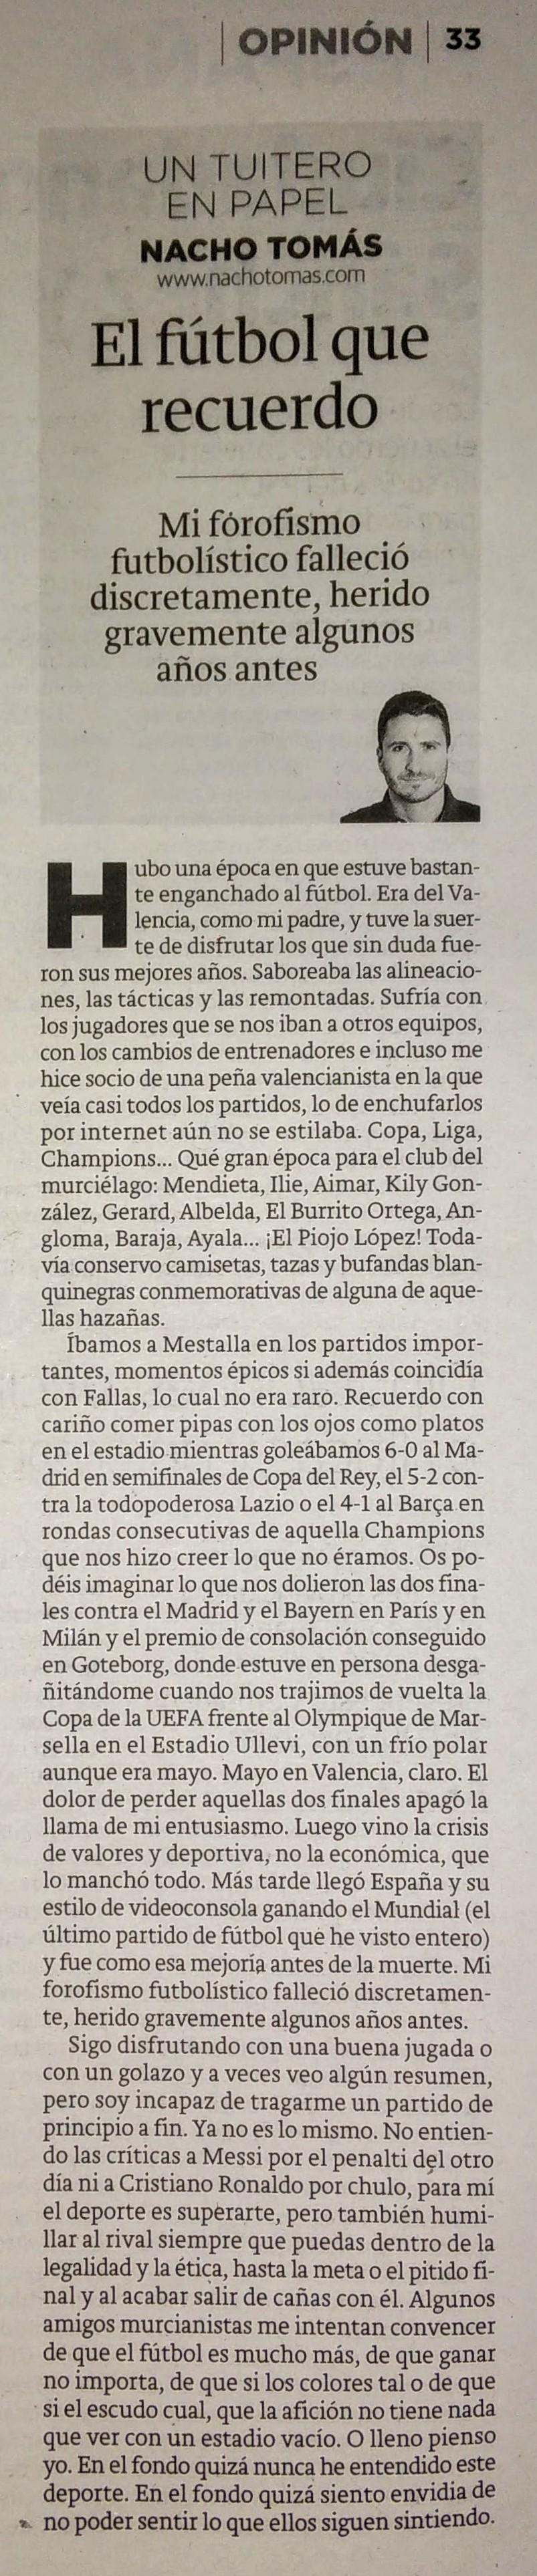 24.02.16 El fútbol que recuerdo - Nacho Tomás - Un tuitero en papel - La Verdad de Murcia